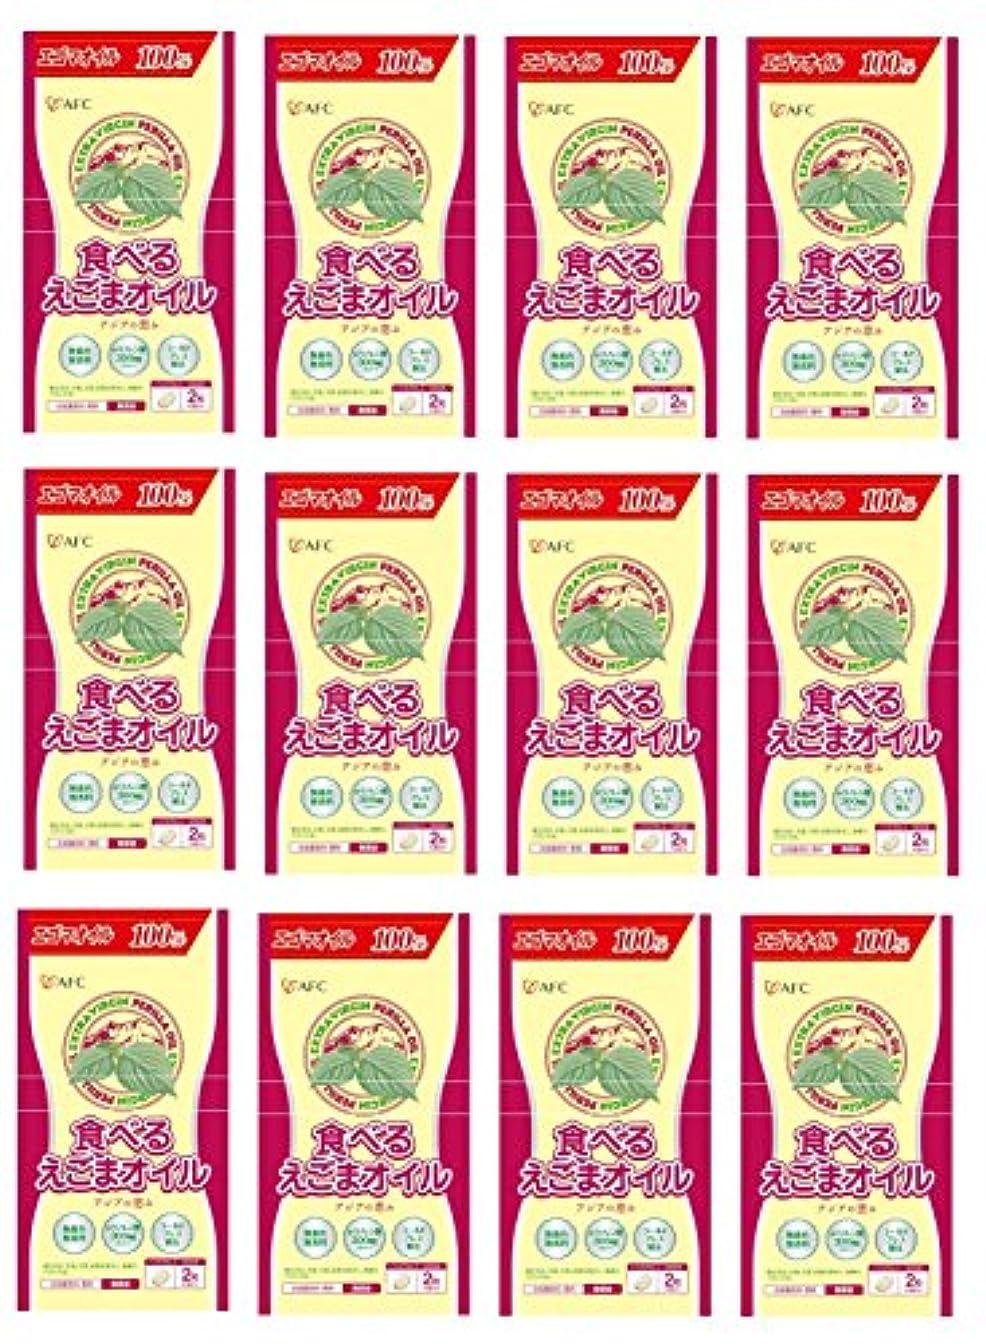 トチの実の木ボール通貨【X12個セット】 AFC 食べるえごまオイル 60粒 【国内正規品】